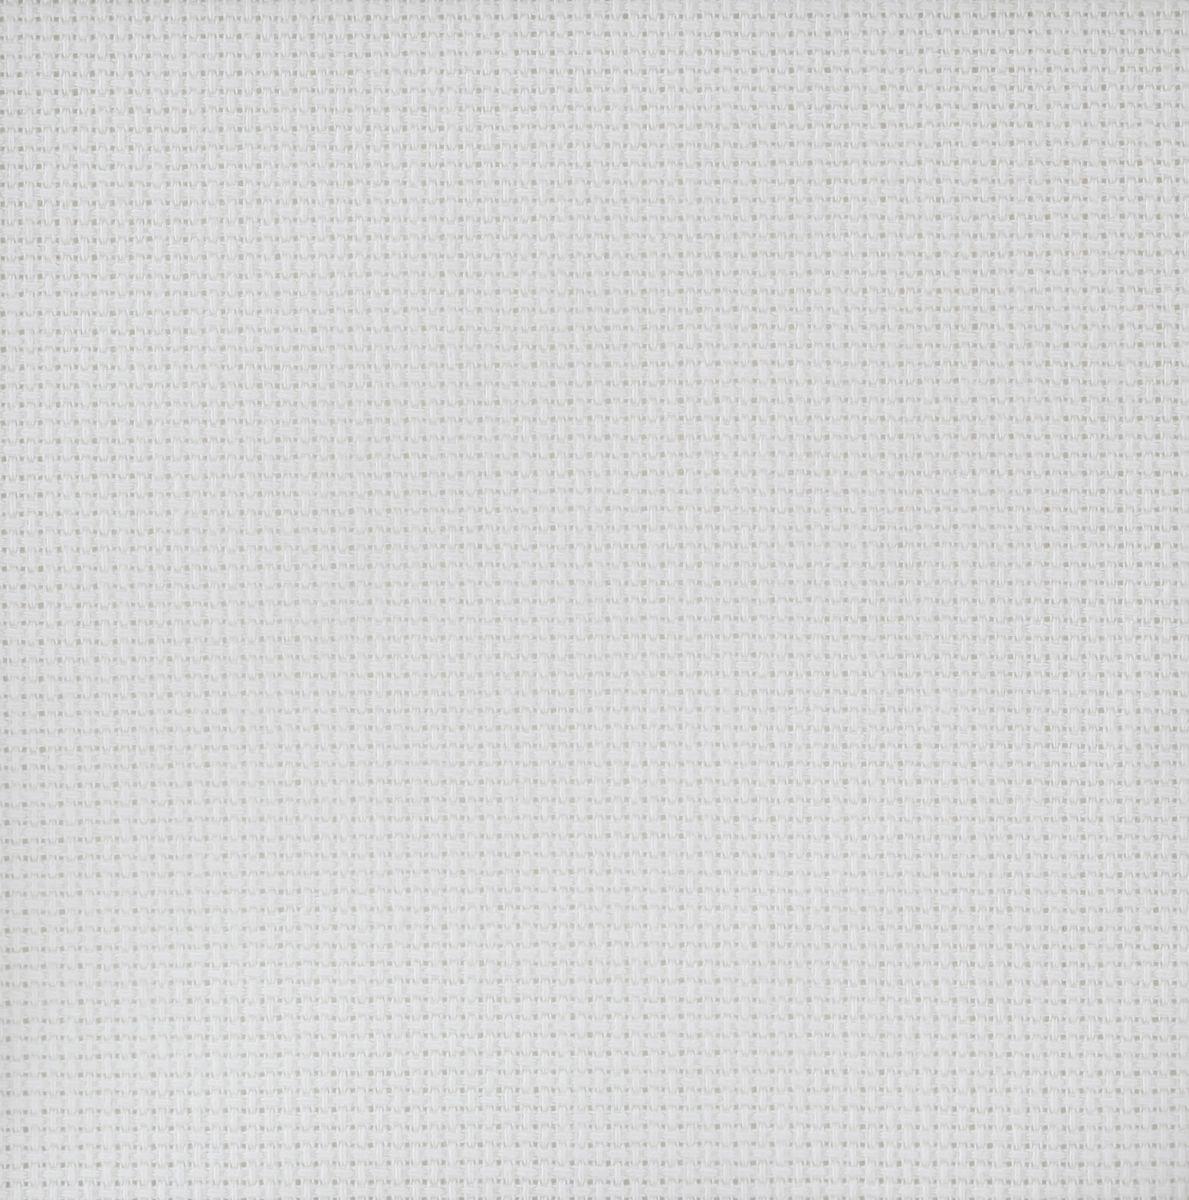 aida 5 meter 100 katoen 72 cm wit110 cm breed prijs per meter